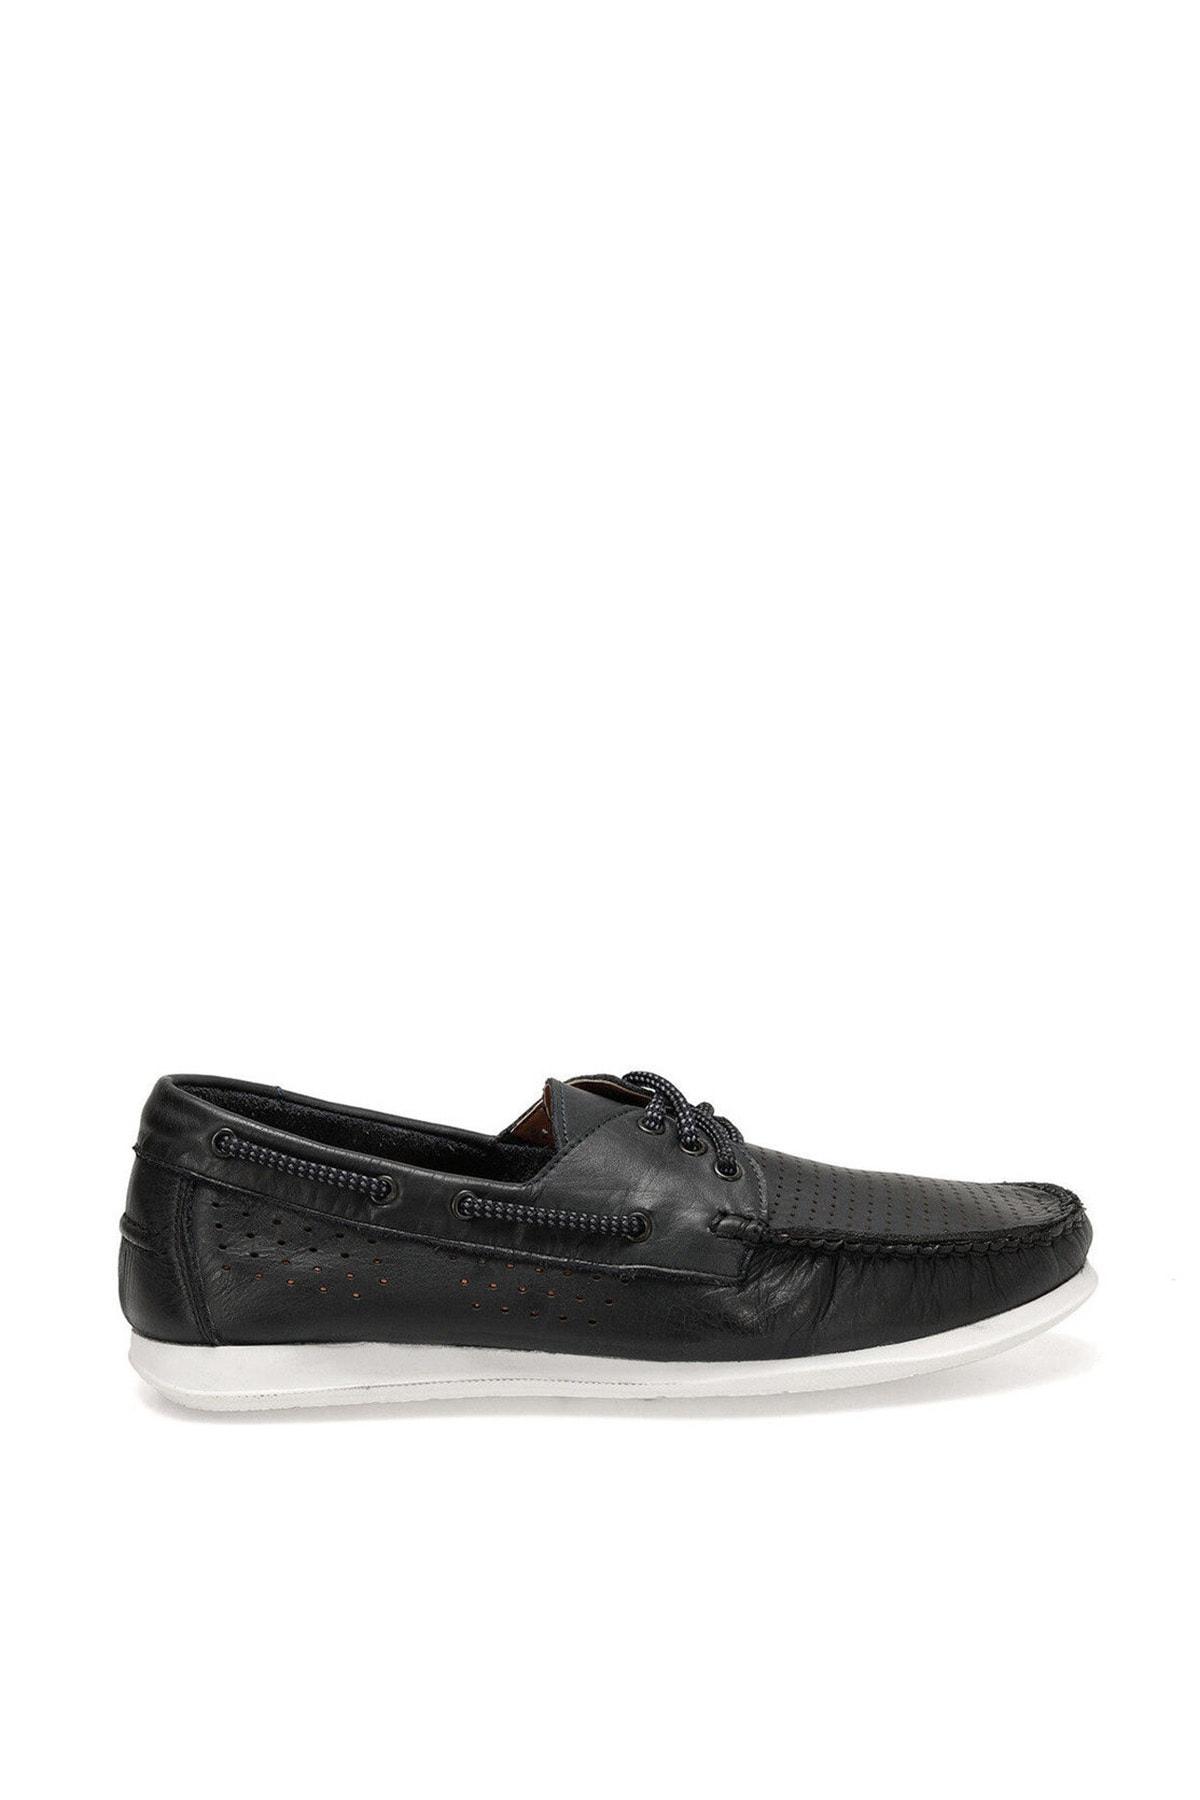 OXIDE 4256 Lacivert Erkek Ayakkabı 100523212 2